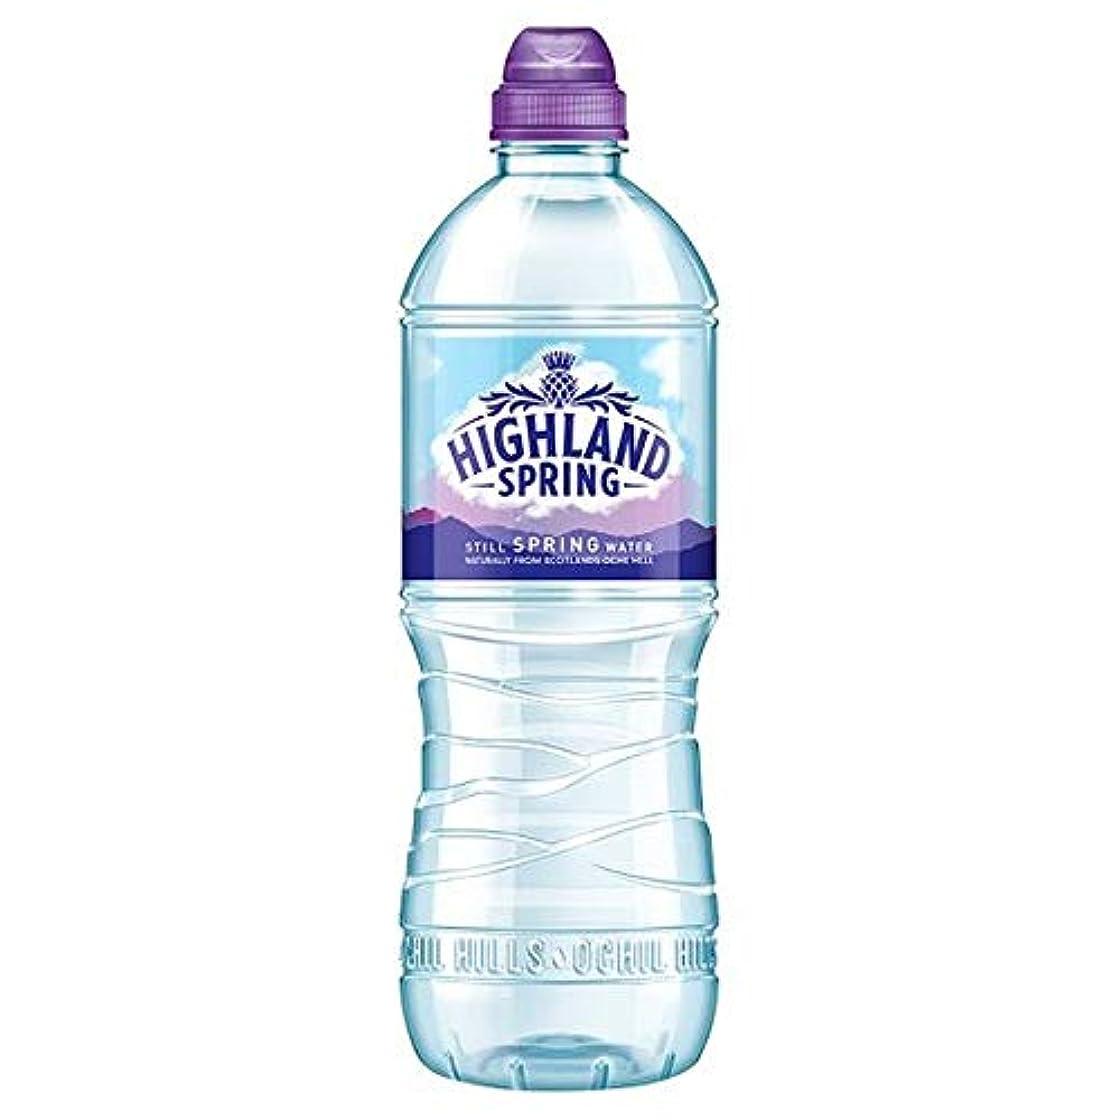 一目アーカイブ伸ばす[Highland Spring] 高地春のスポーツボトル750ミリリットル - Highland Spring Sports Bottle 750 Ml [並行輸入品]